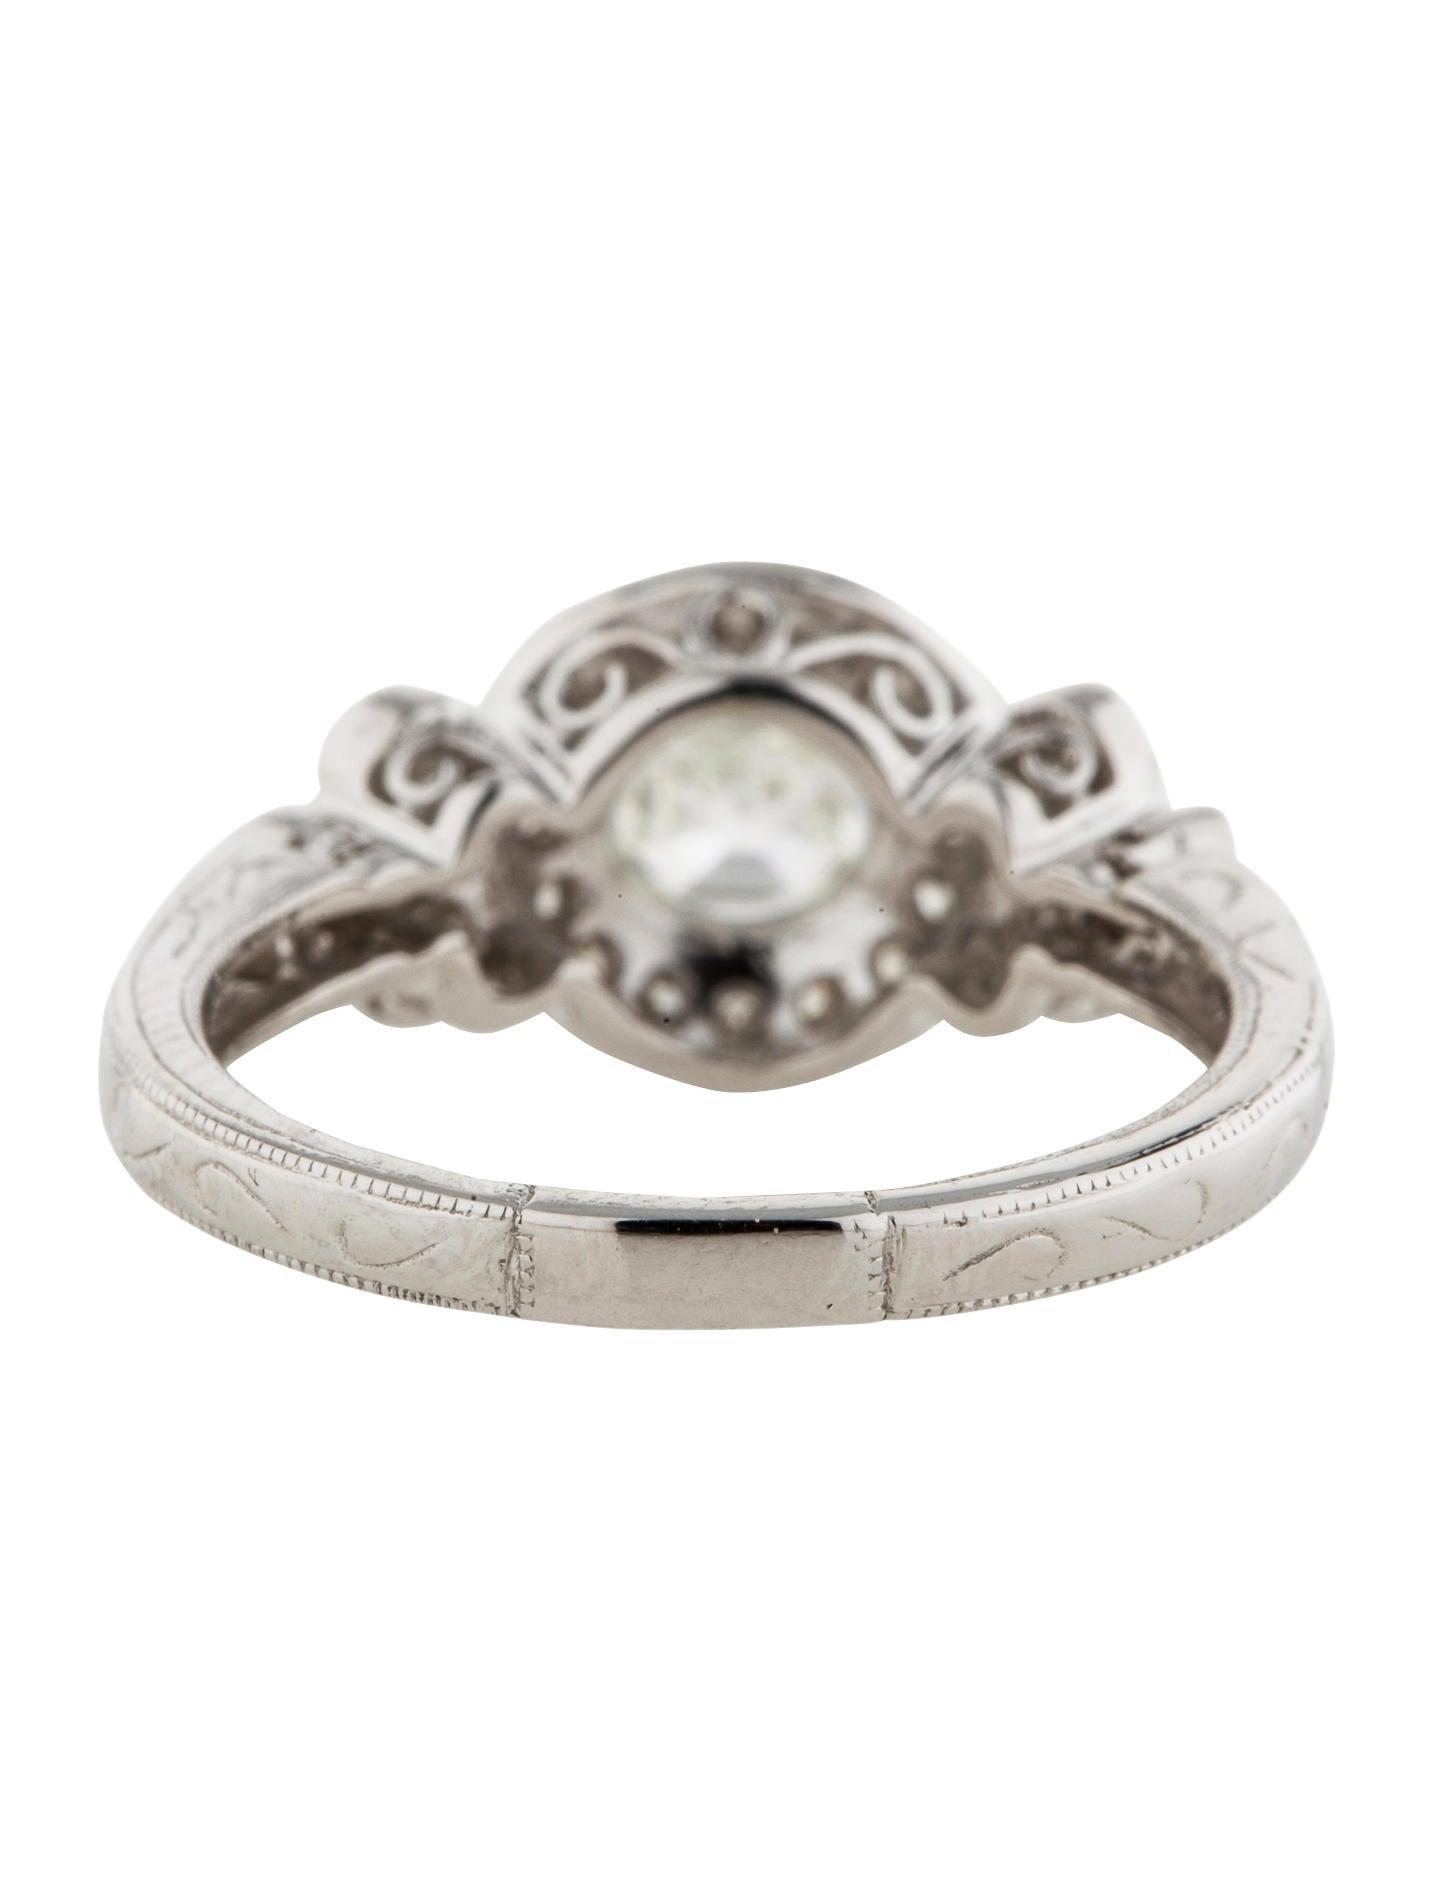 1.35ctw Asscher Cut Diamond Ring - Rings - FJR23175   The ...